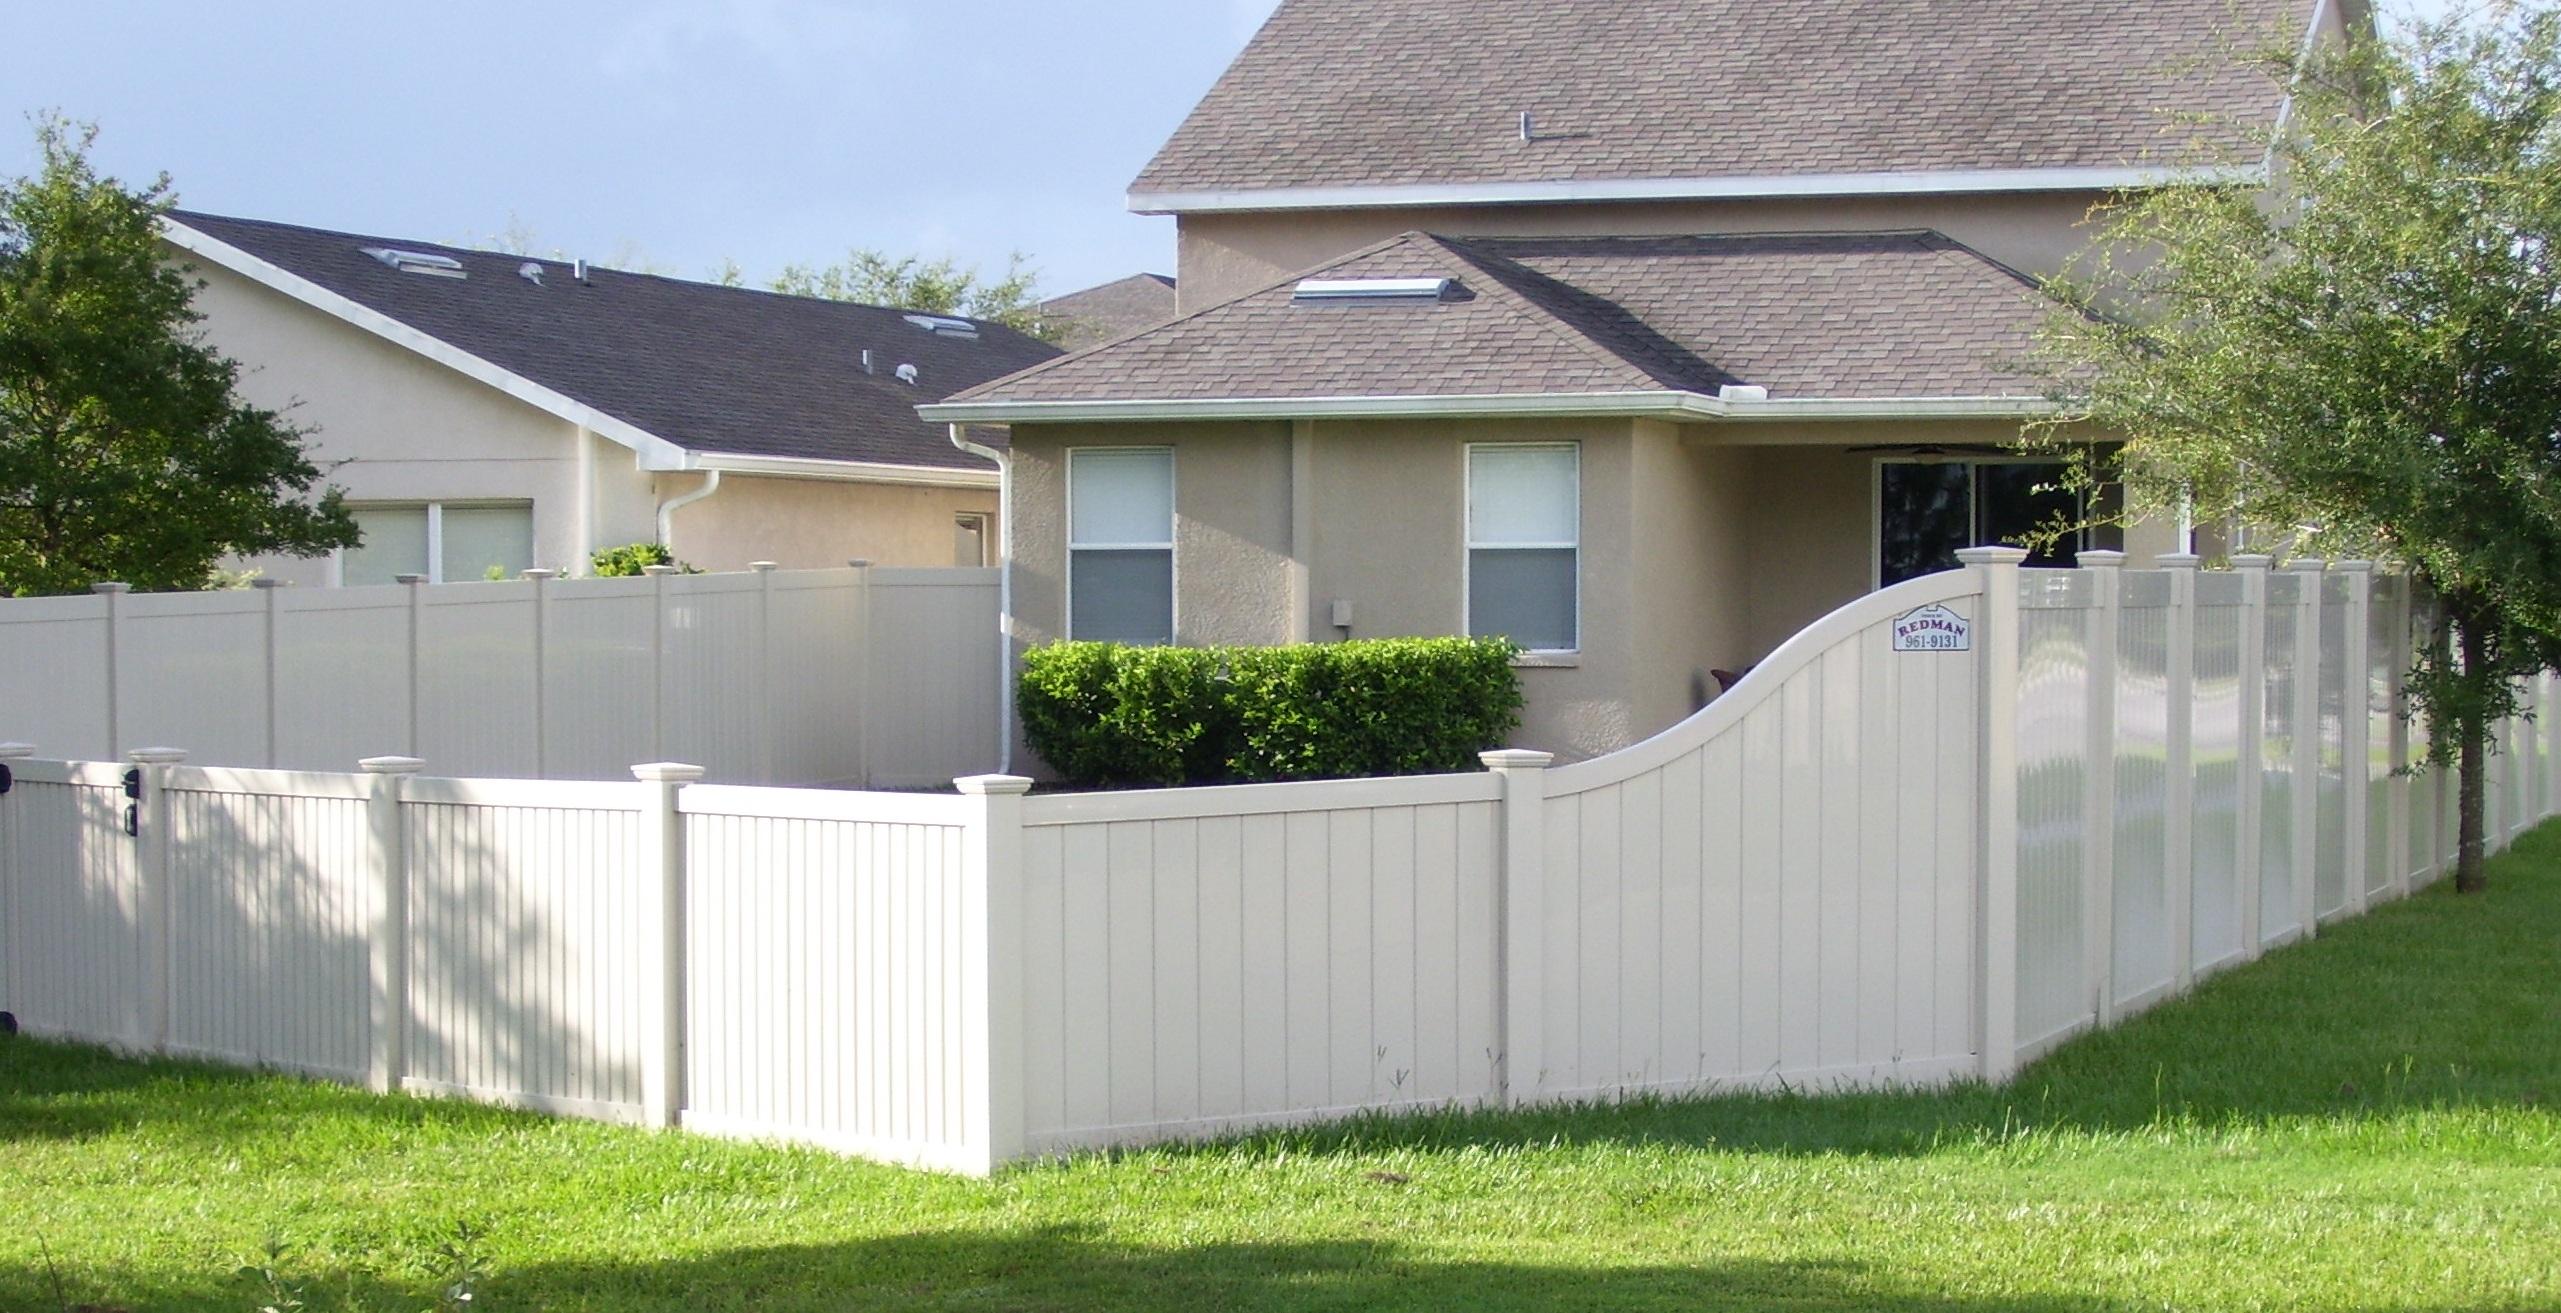 Redman Fence Tampa Fl 33613 Angies List